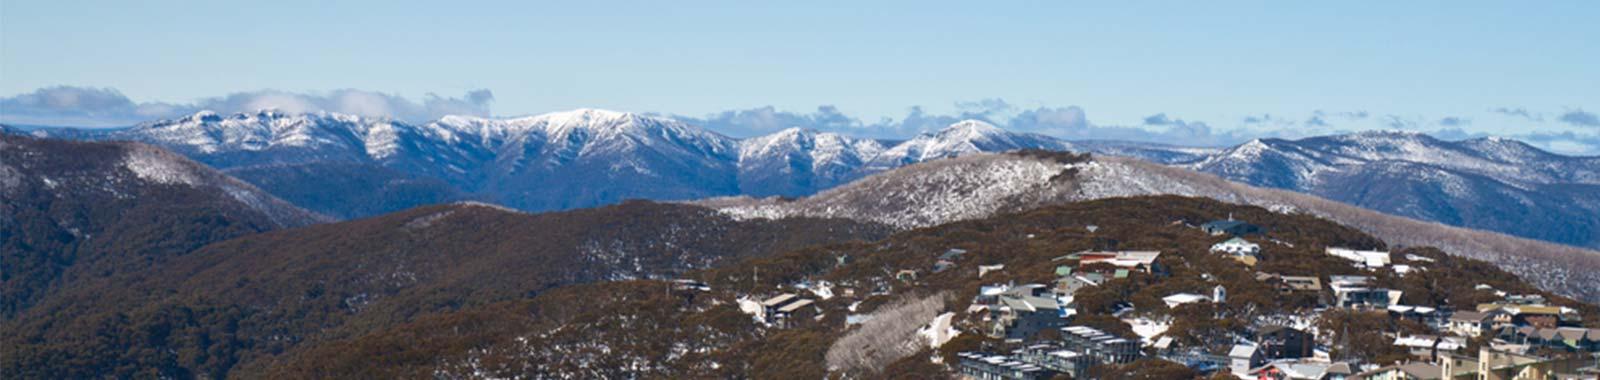 Mt Buller, Australia